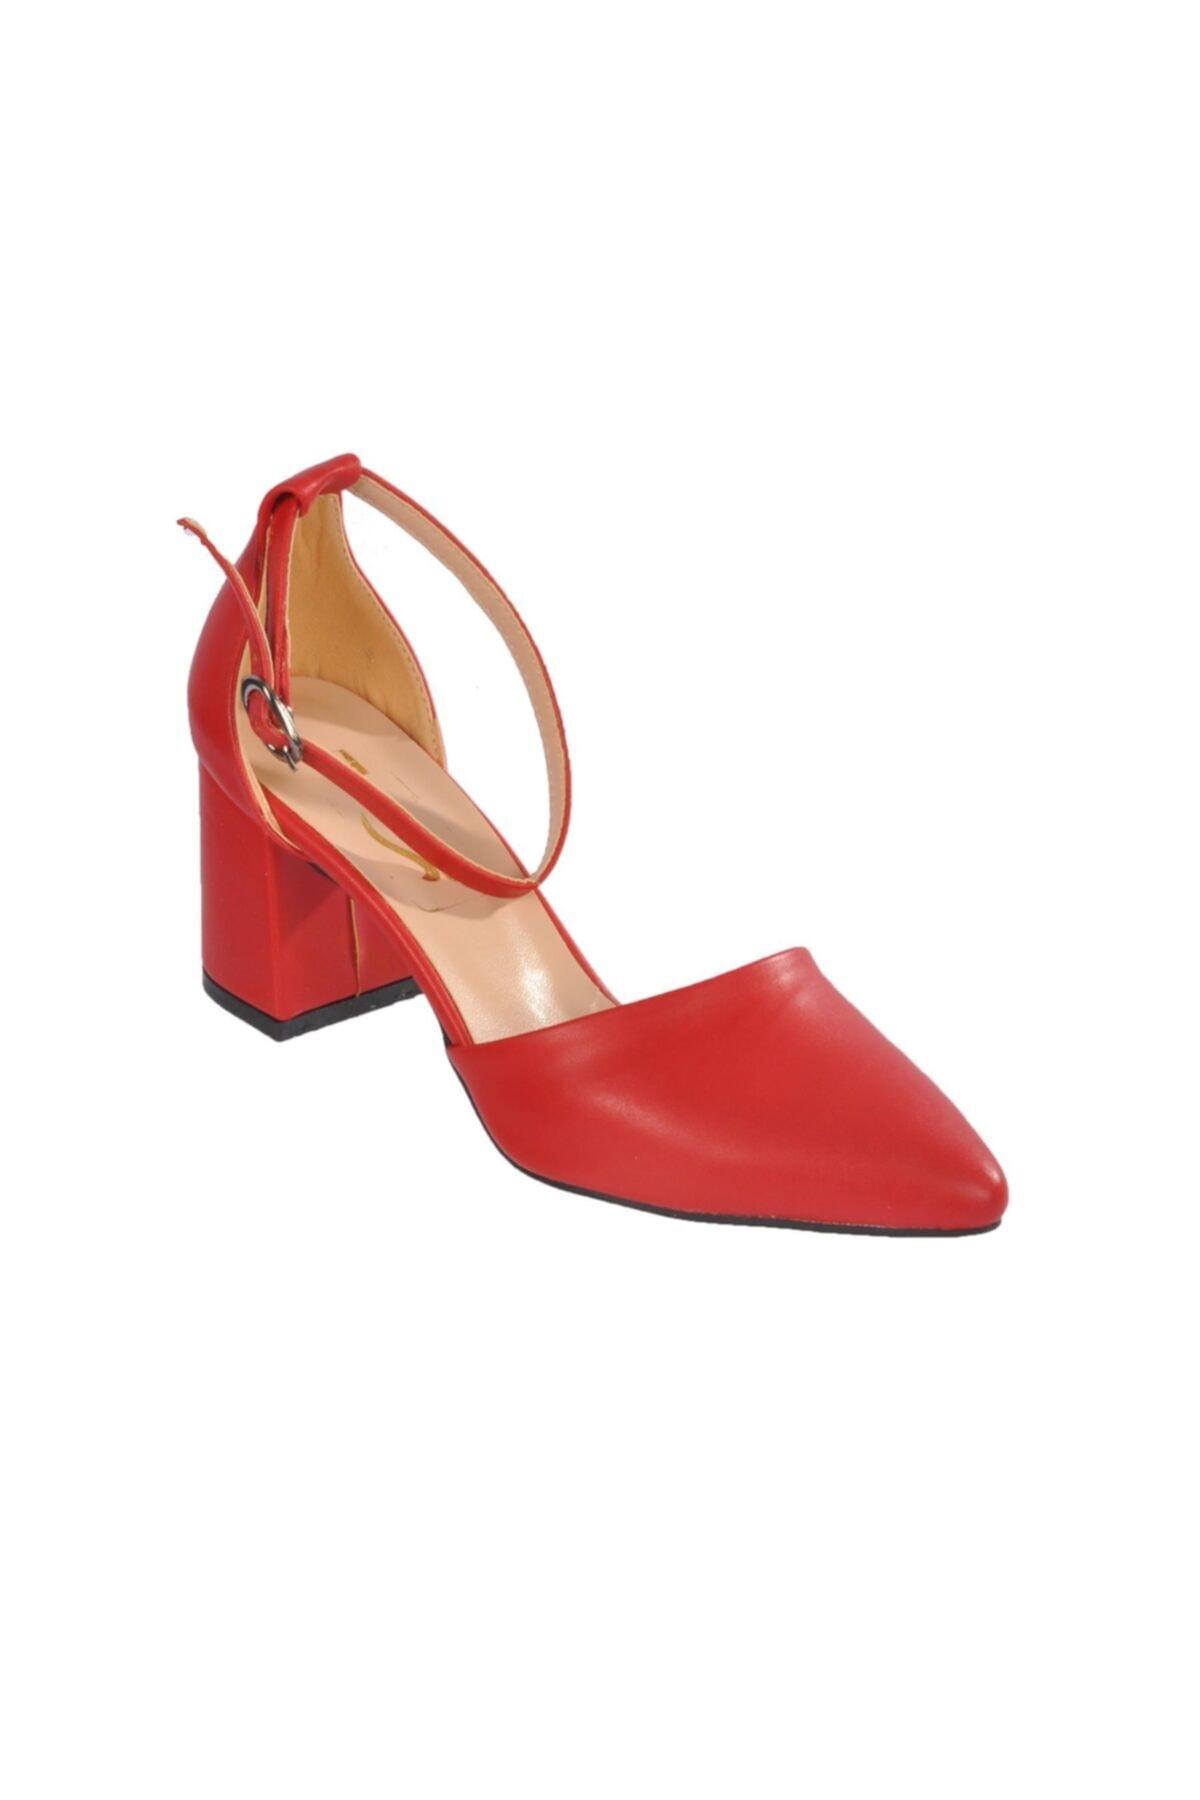 Maje 1903 Kırmızı Kadın Topuklu Ayakkabı 1